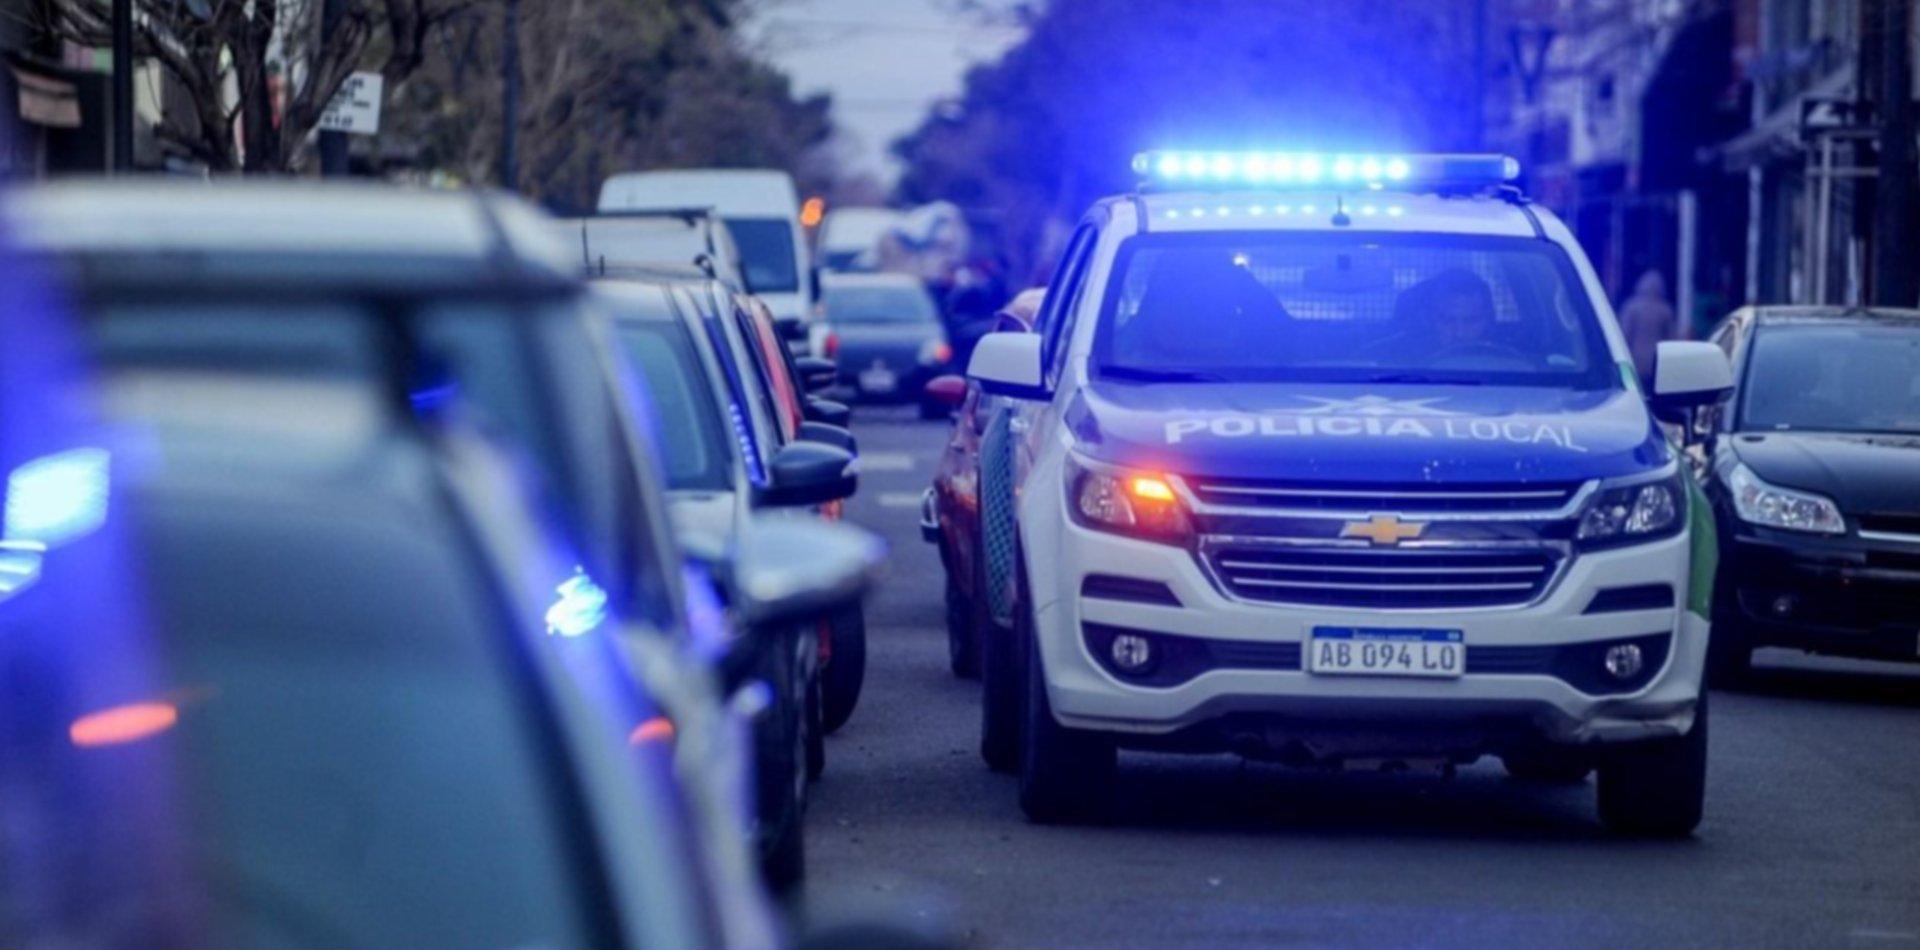 Atropelló a un nene por escaparse de la Policía en moto por las calles de La Plata